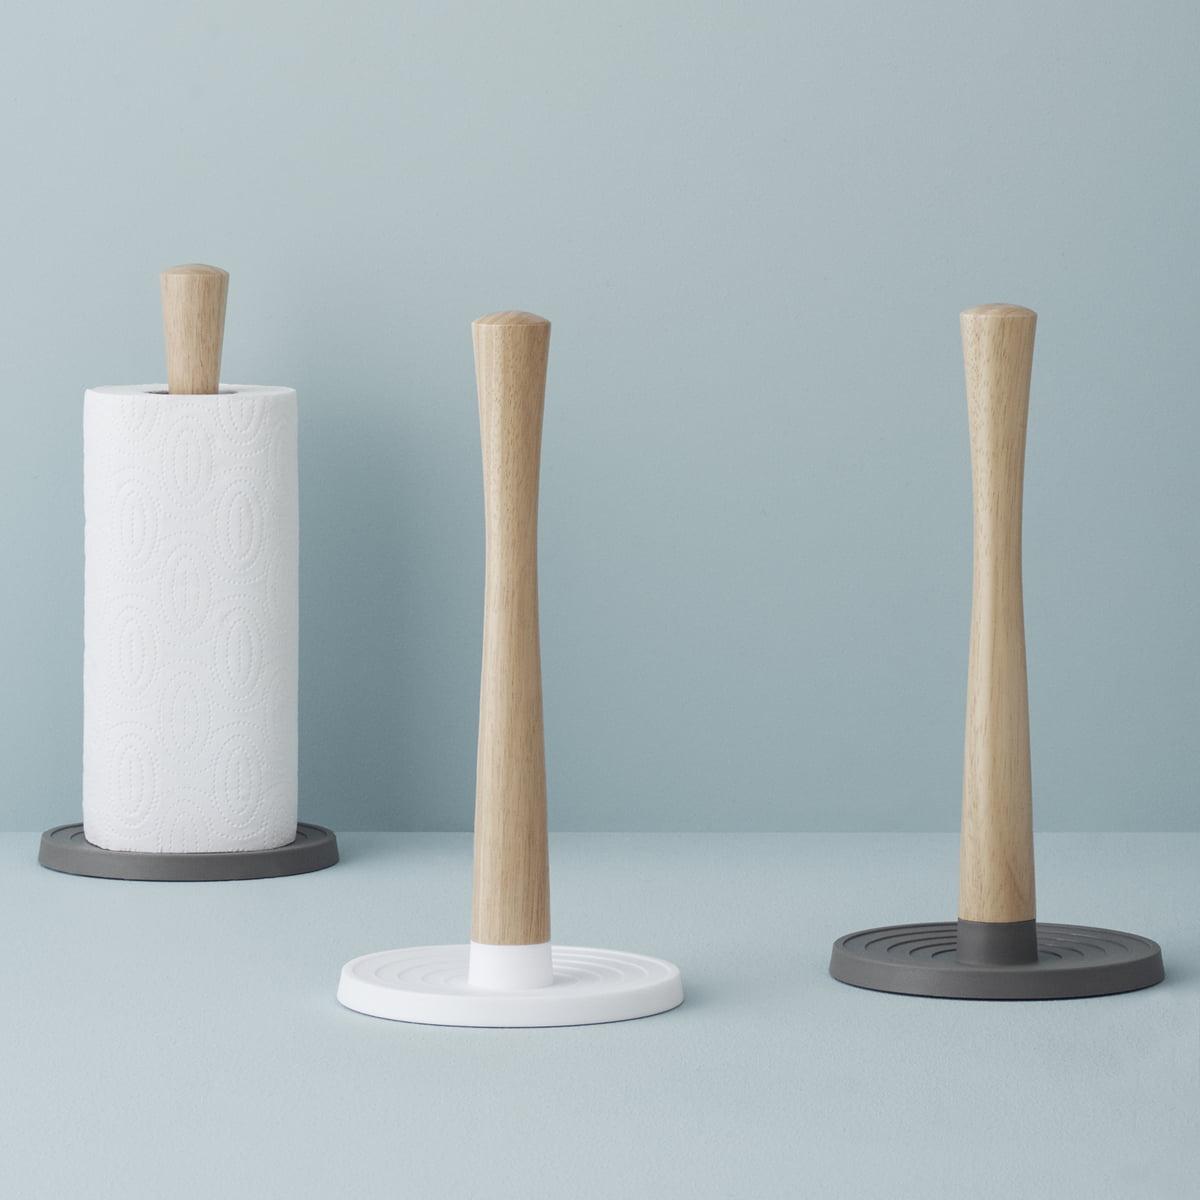 paper towel holder by rig tig by stelton. Black Bedroom Furniture Sets. Home Design Ideas